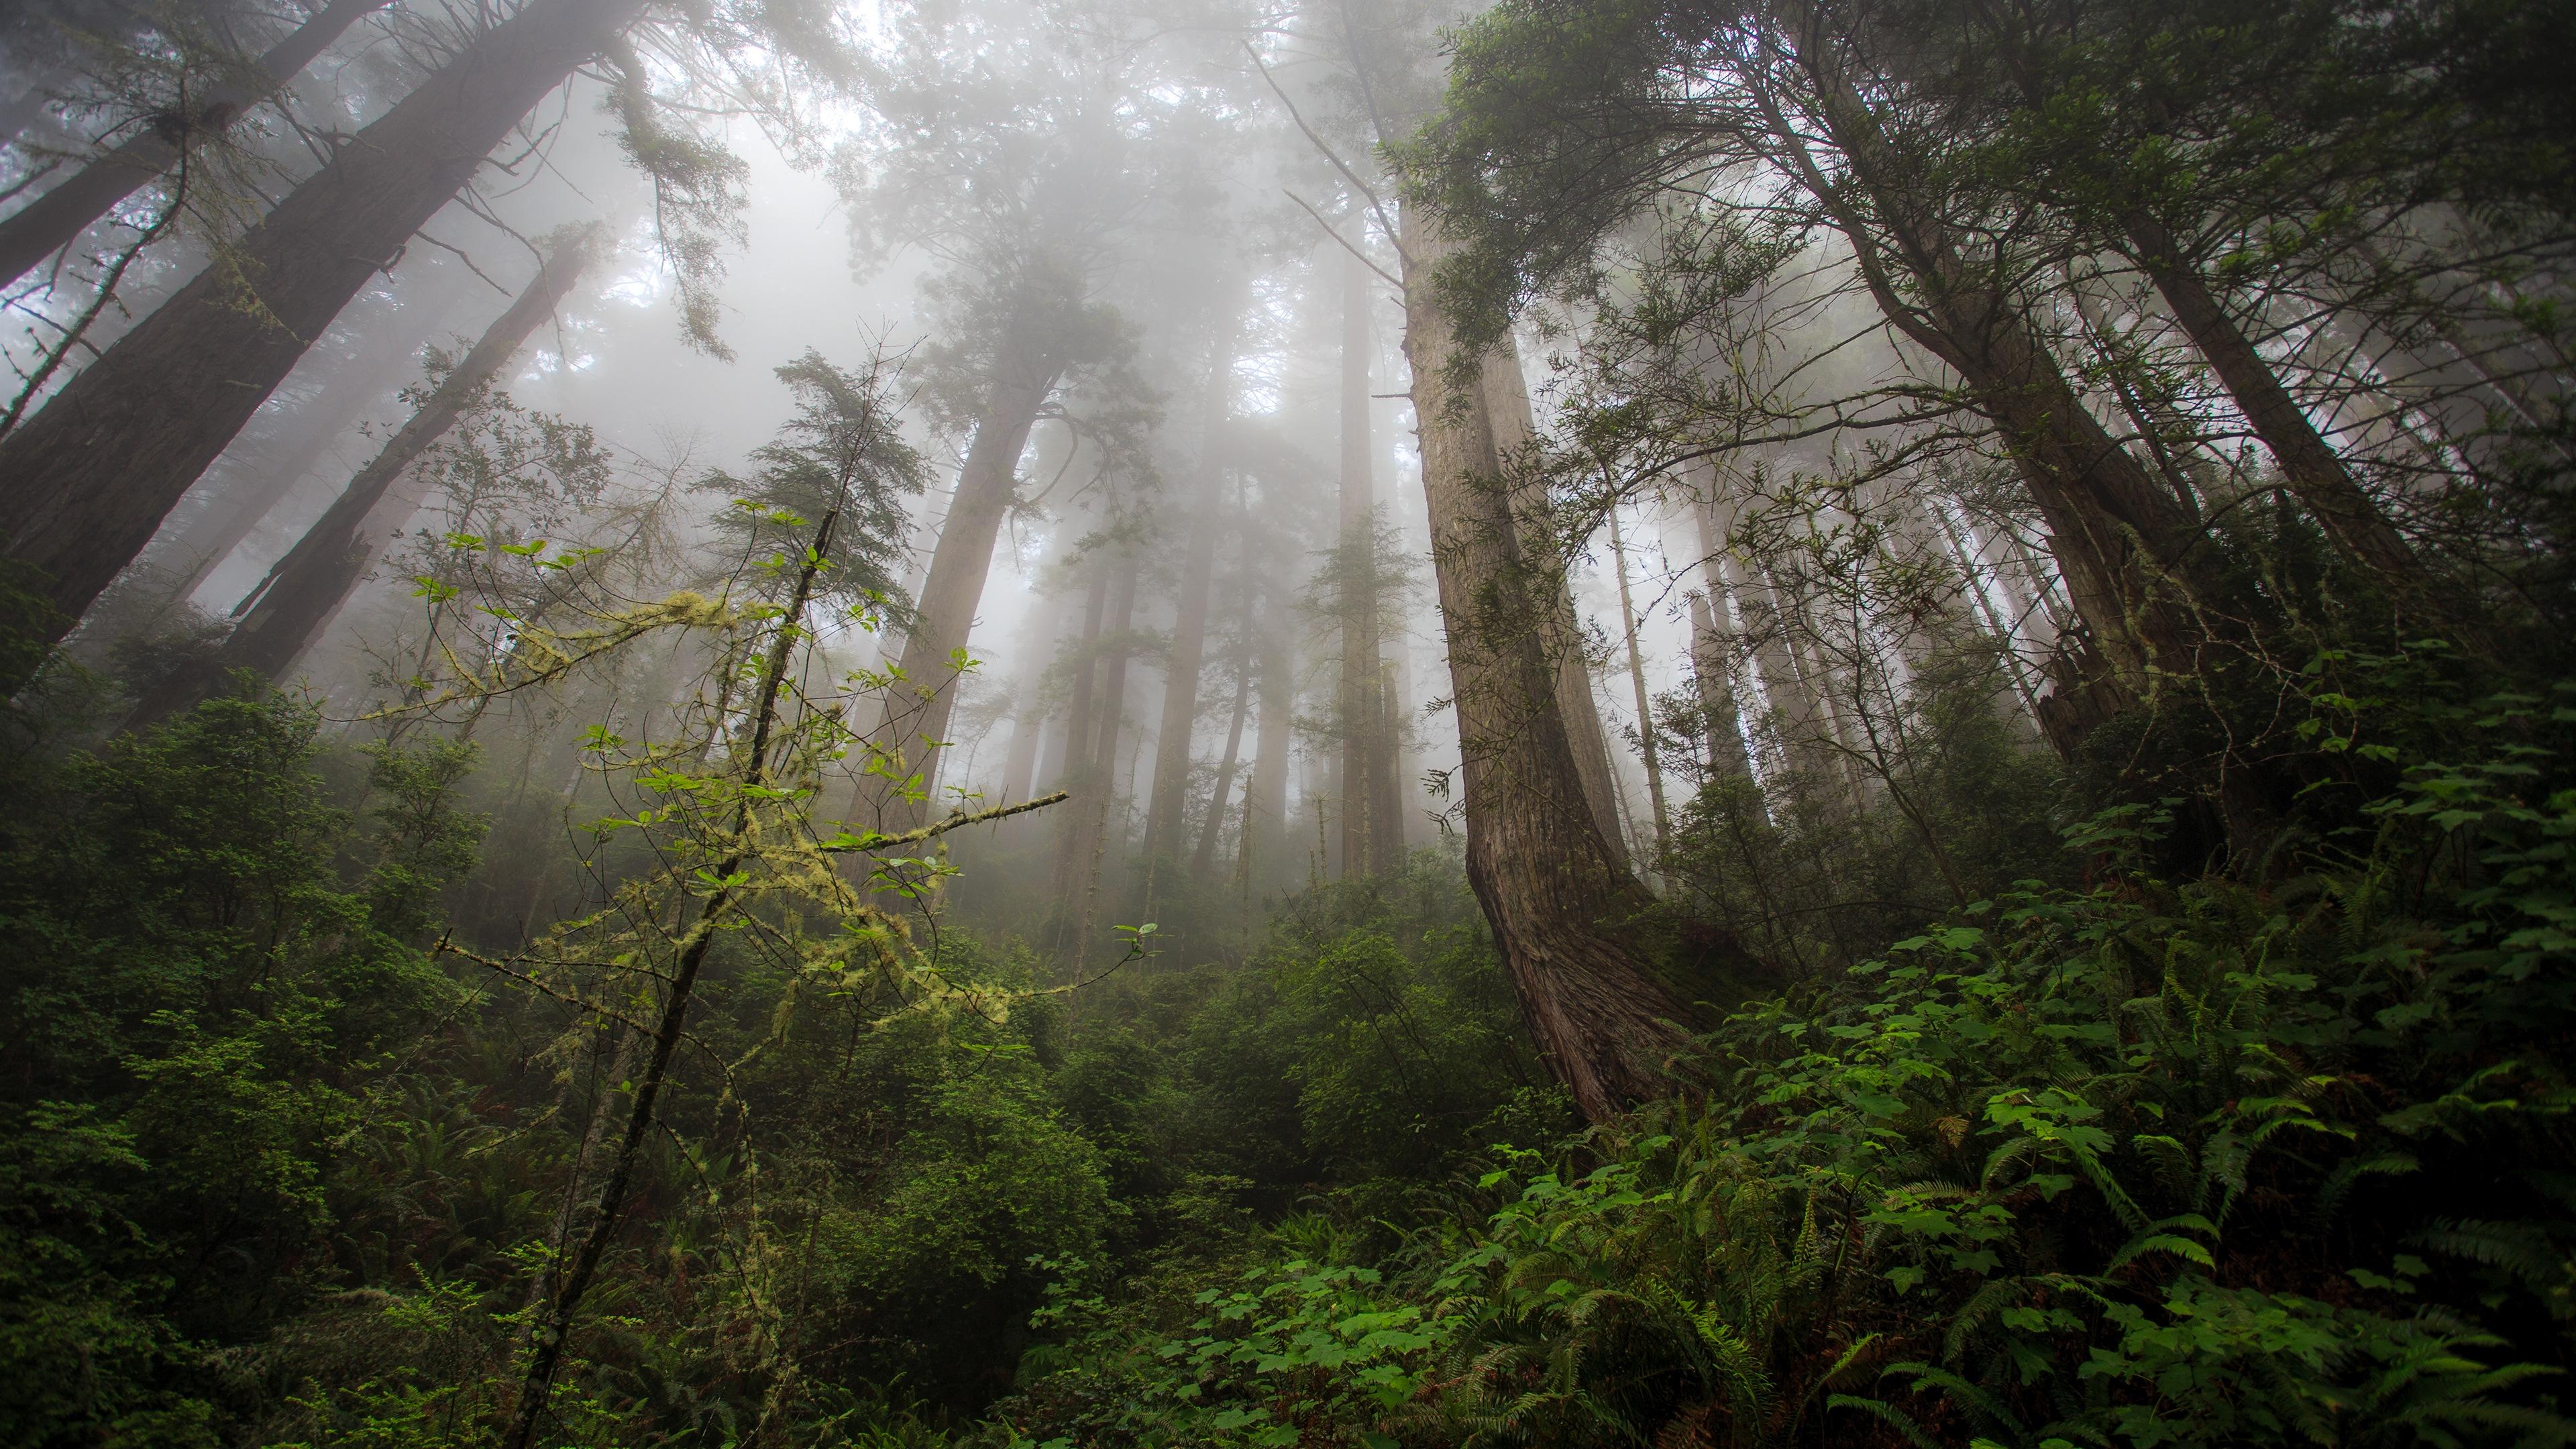 Forest Trees Mist 4K Ultra HD Desktop Wallpaper